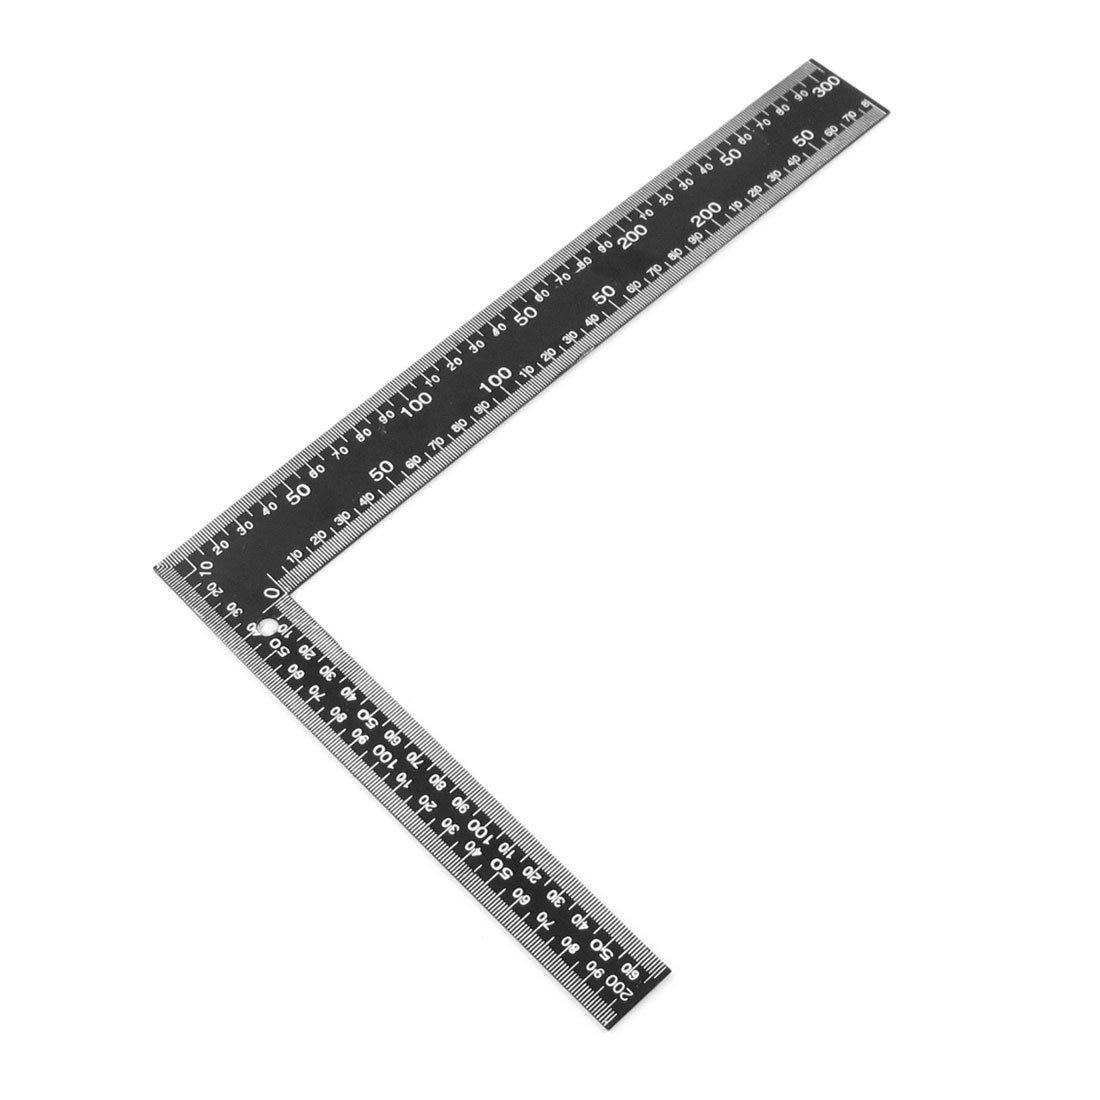 SOSW-Teacher 0-30cm 0-20cm Measuring Range L Shaped Design Square Ruler Black